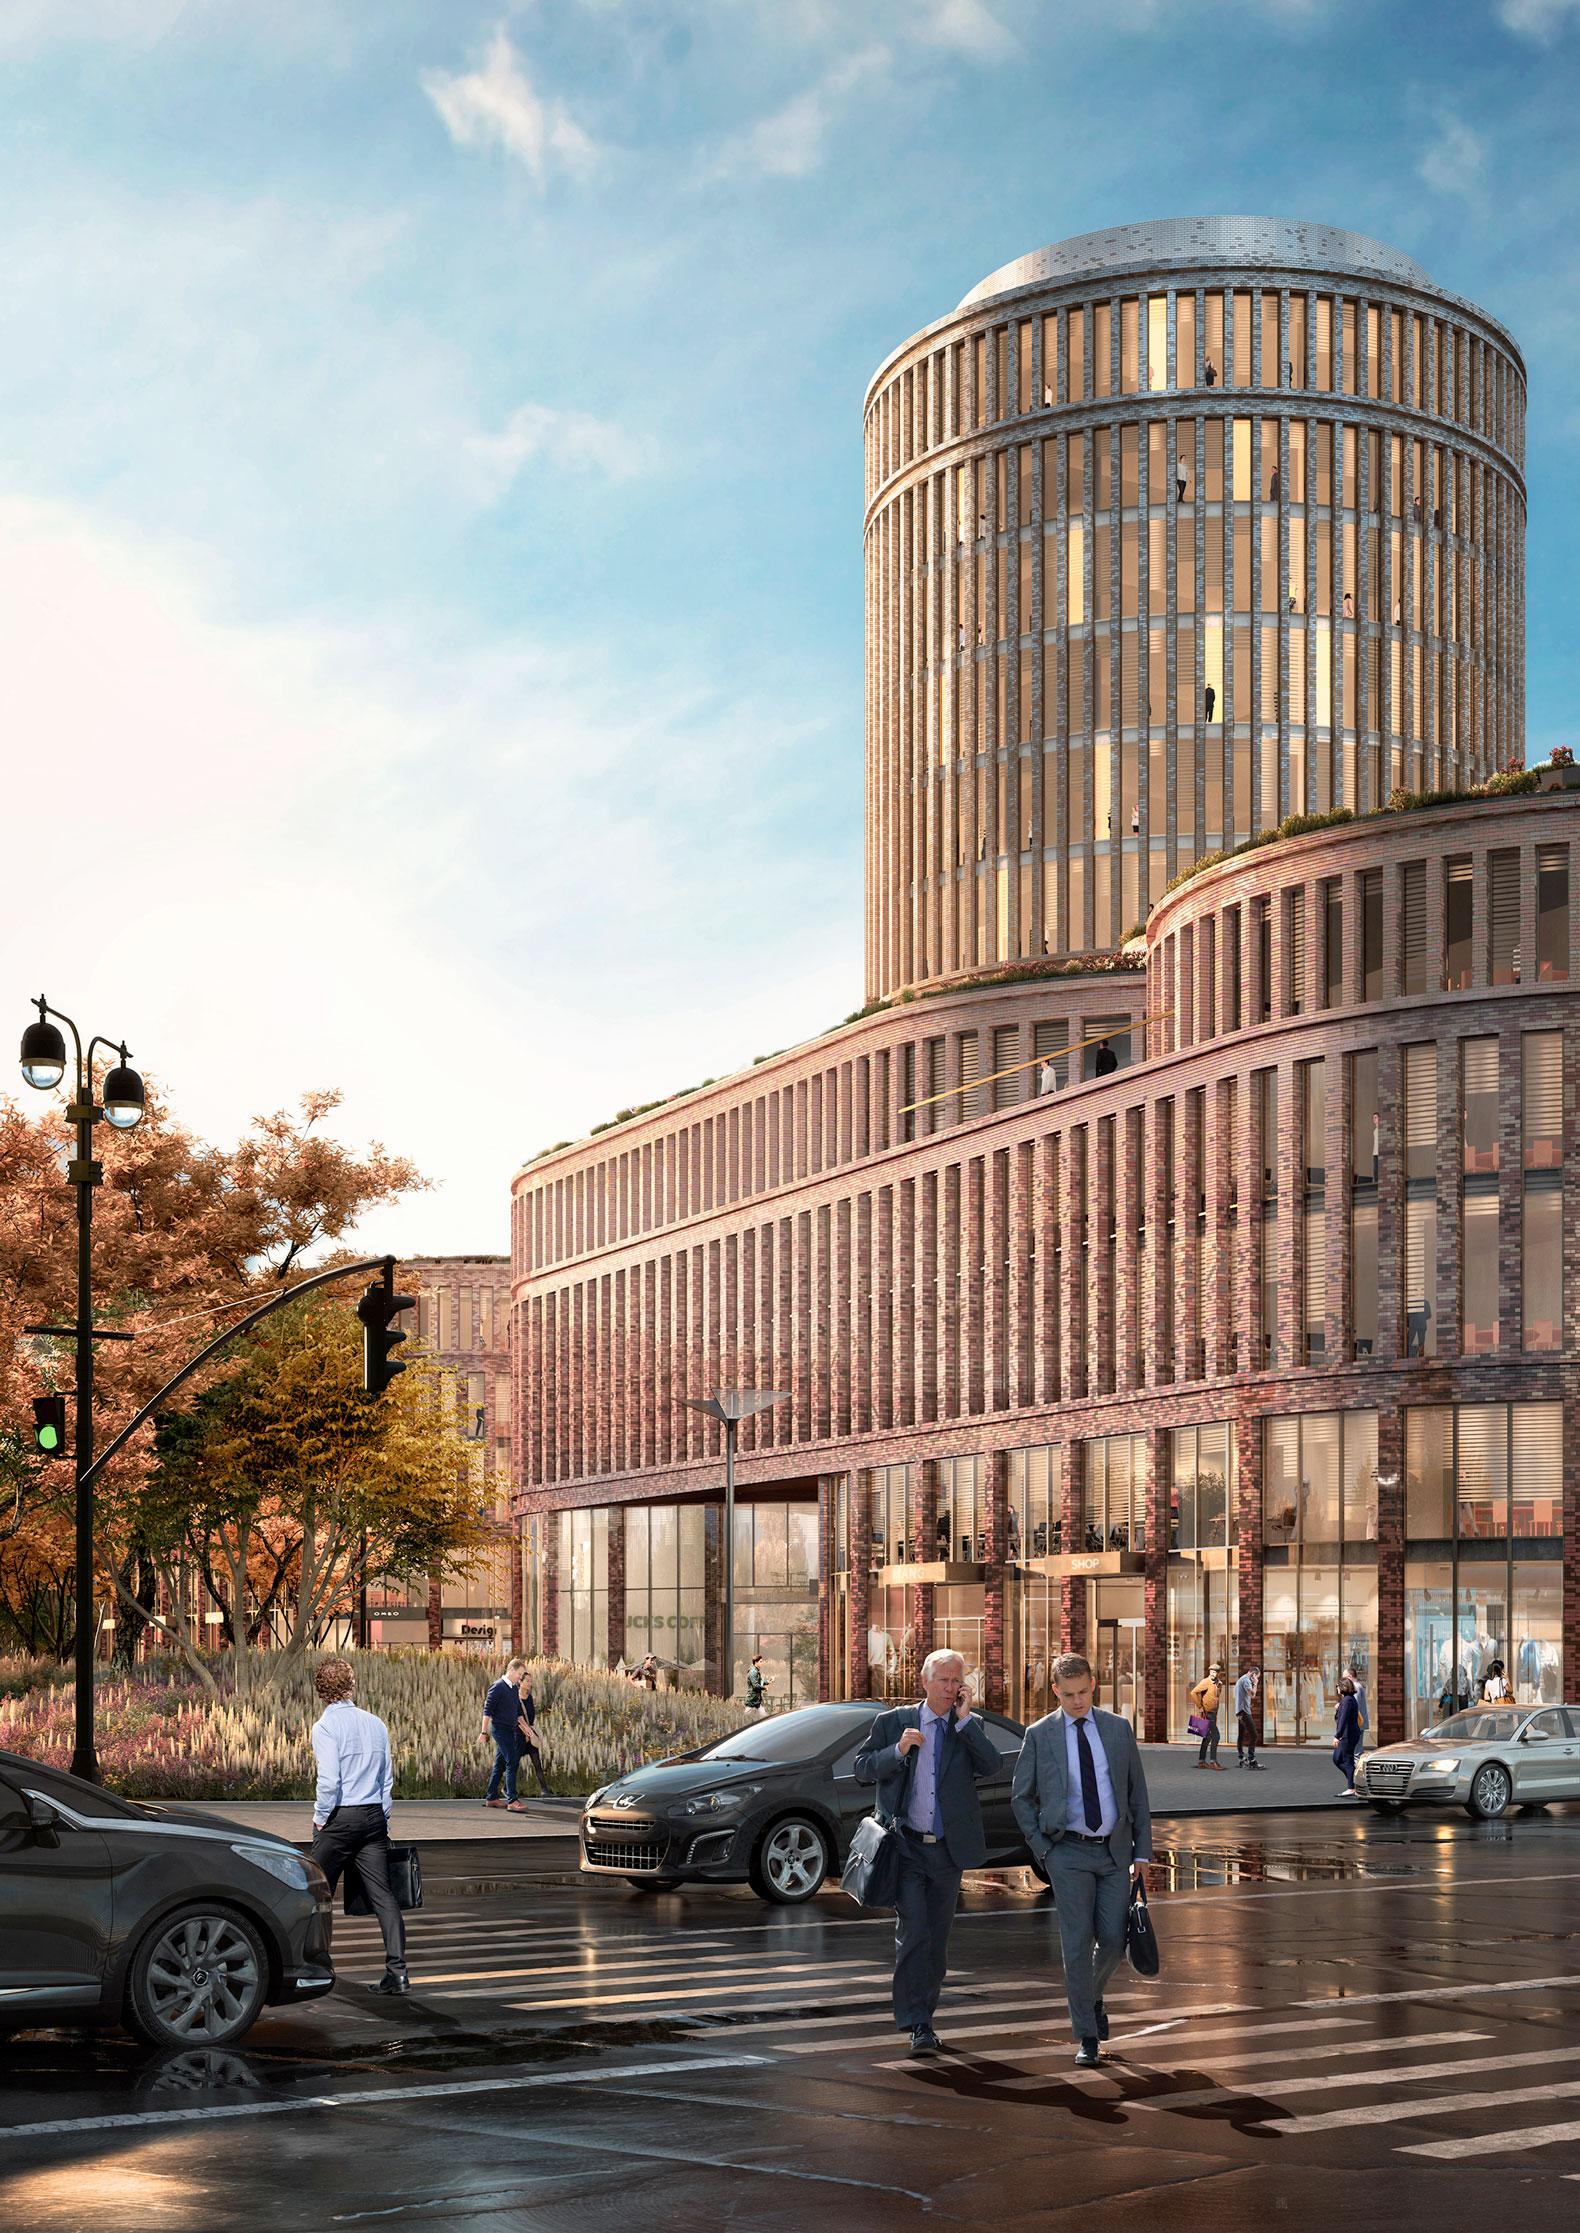 El diseño de la fachada de ladrillos esmaltados indica el pasado y la ambición futura de la ciudad. Imagen de MVRDV